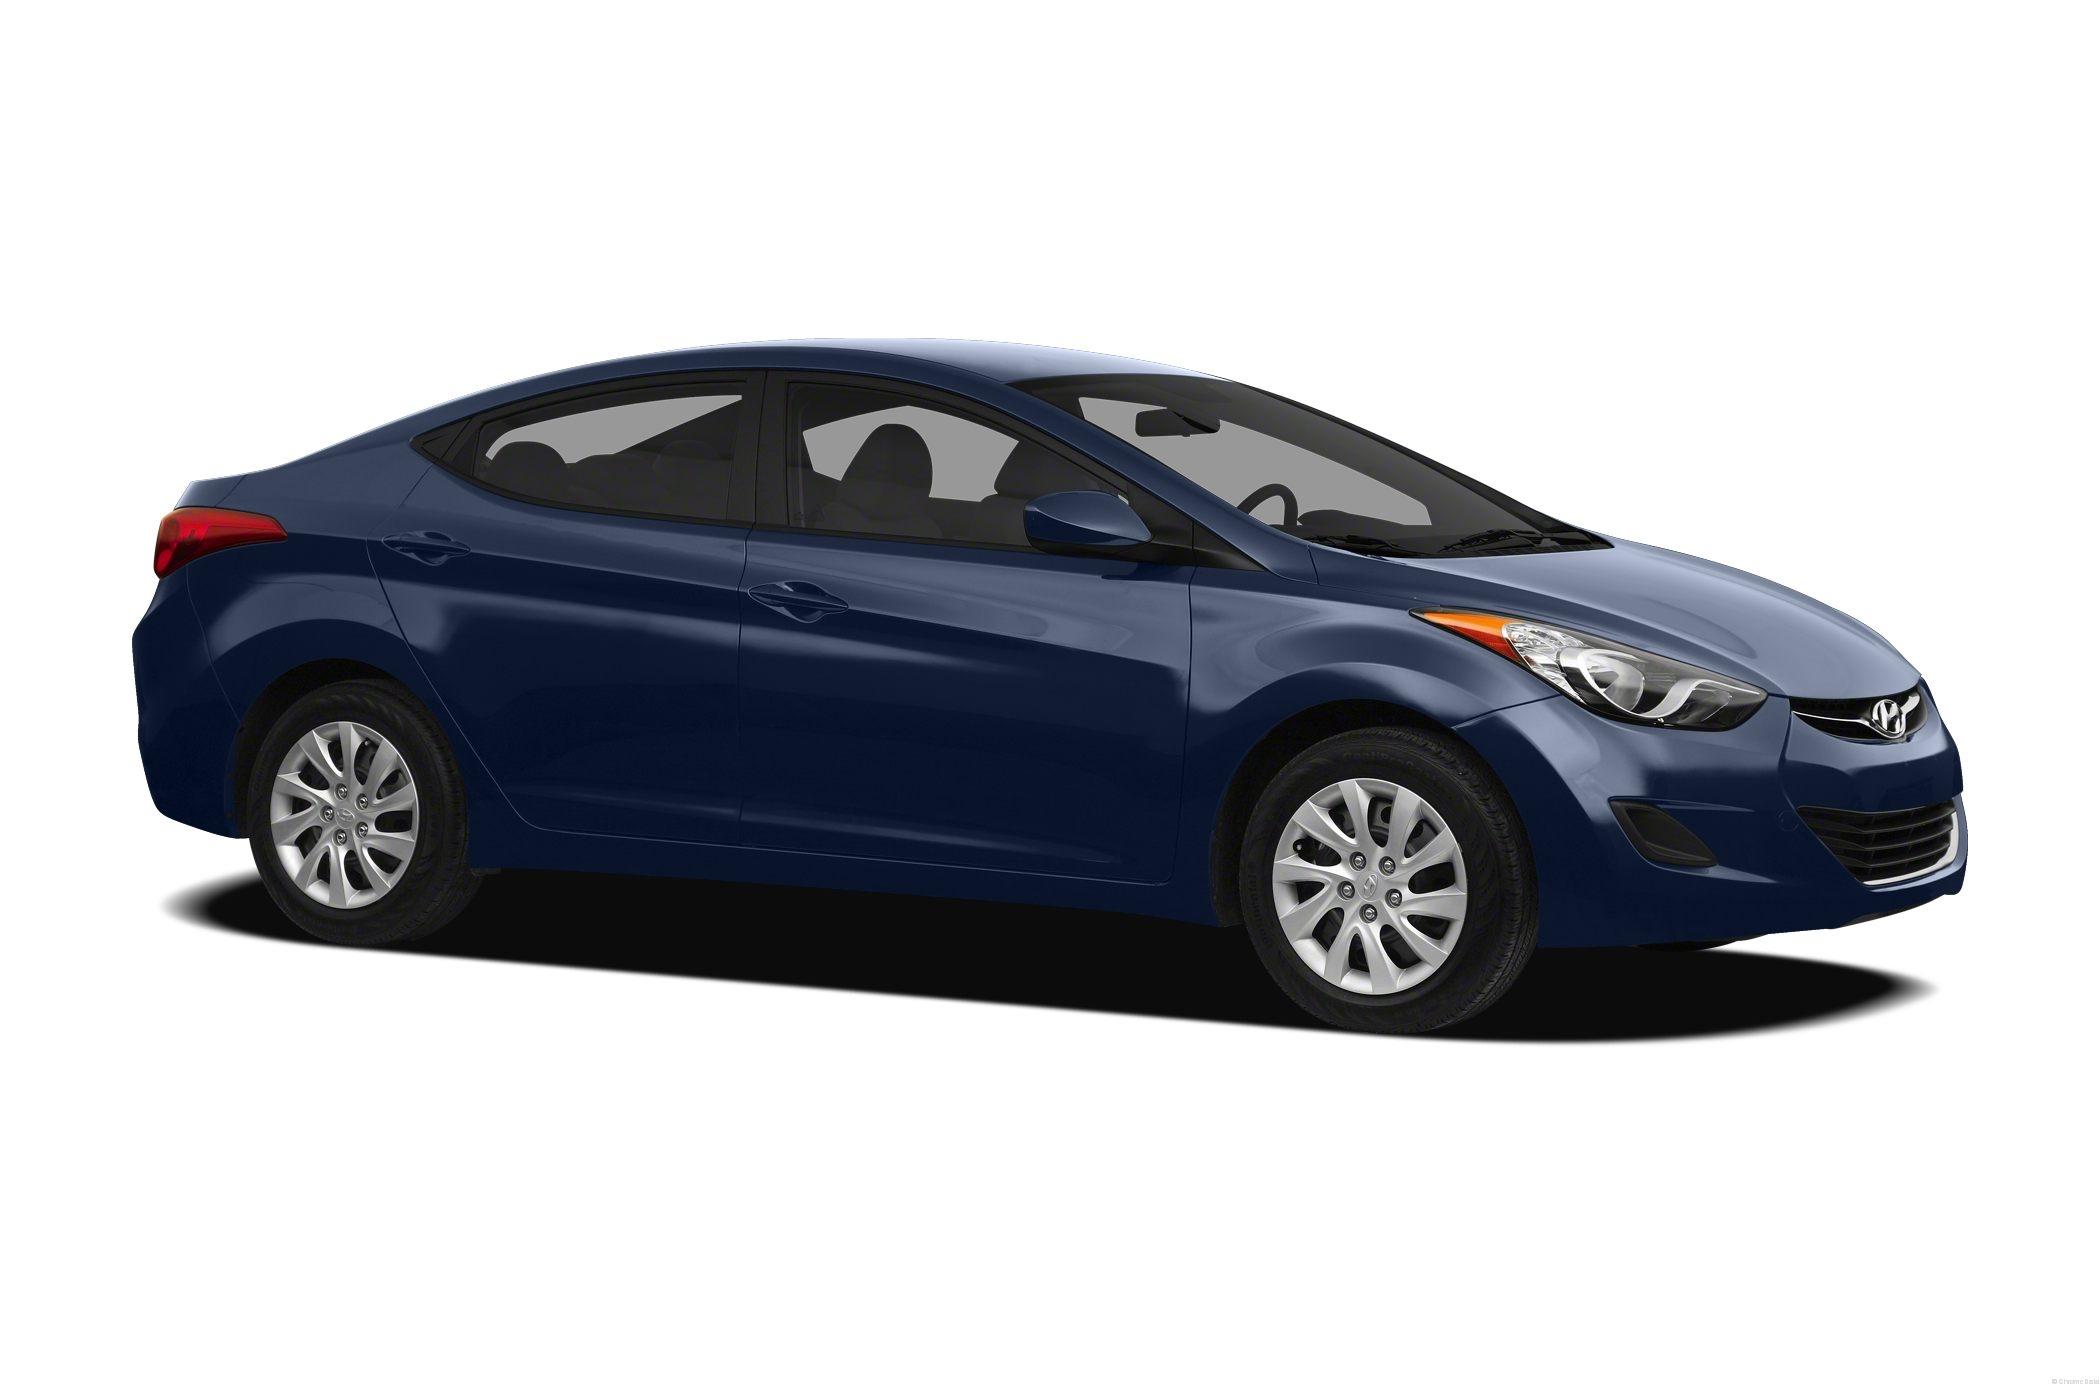 Hyundai Elantra Invoice Price